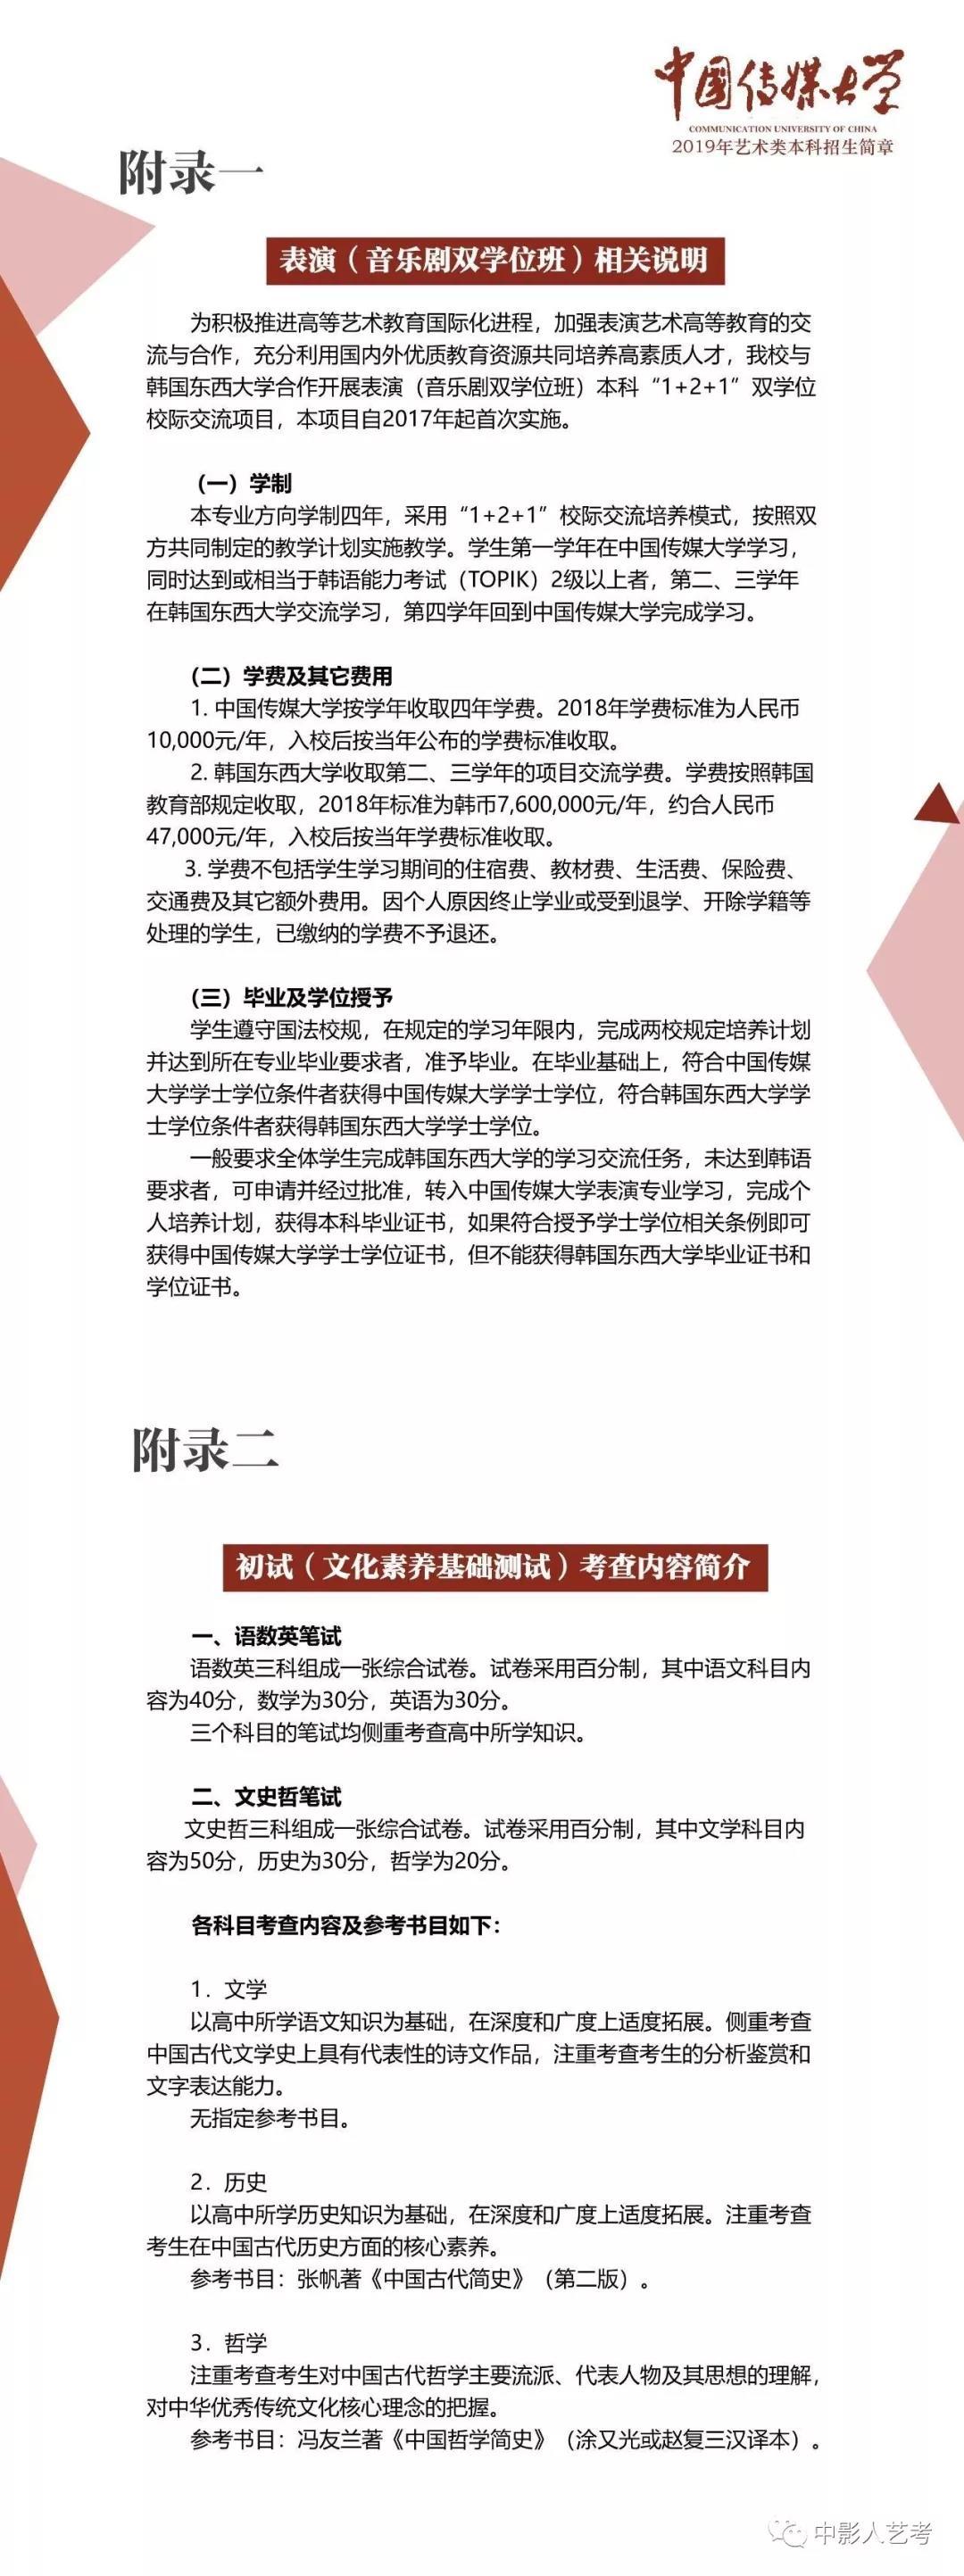 中国传媒大学艺术类本科招生简章7